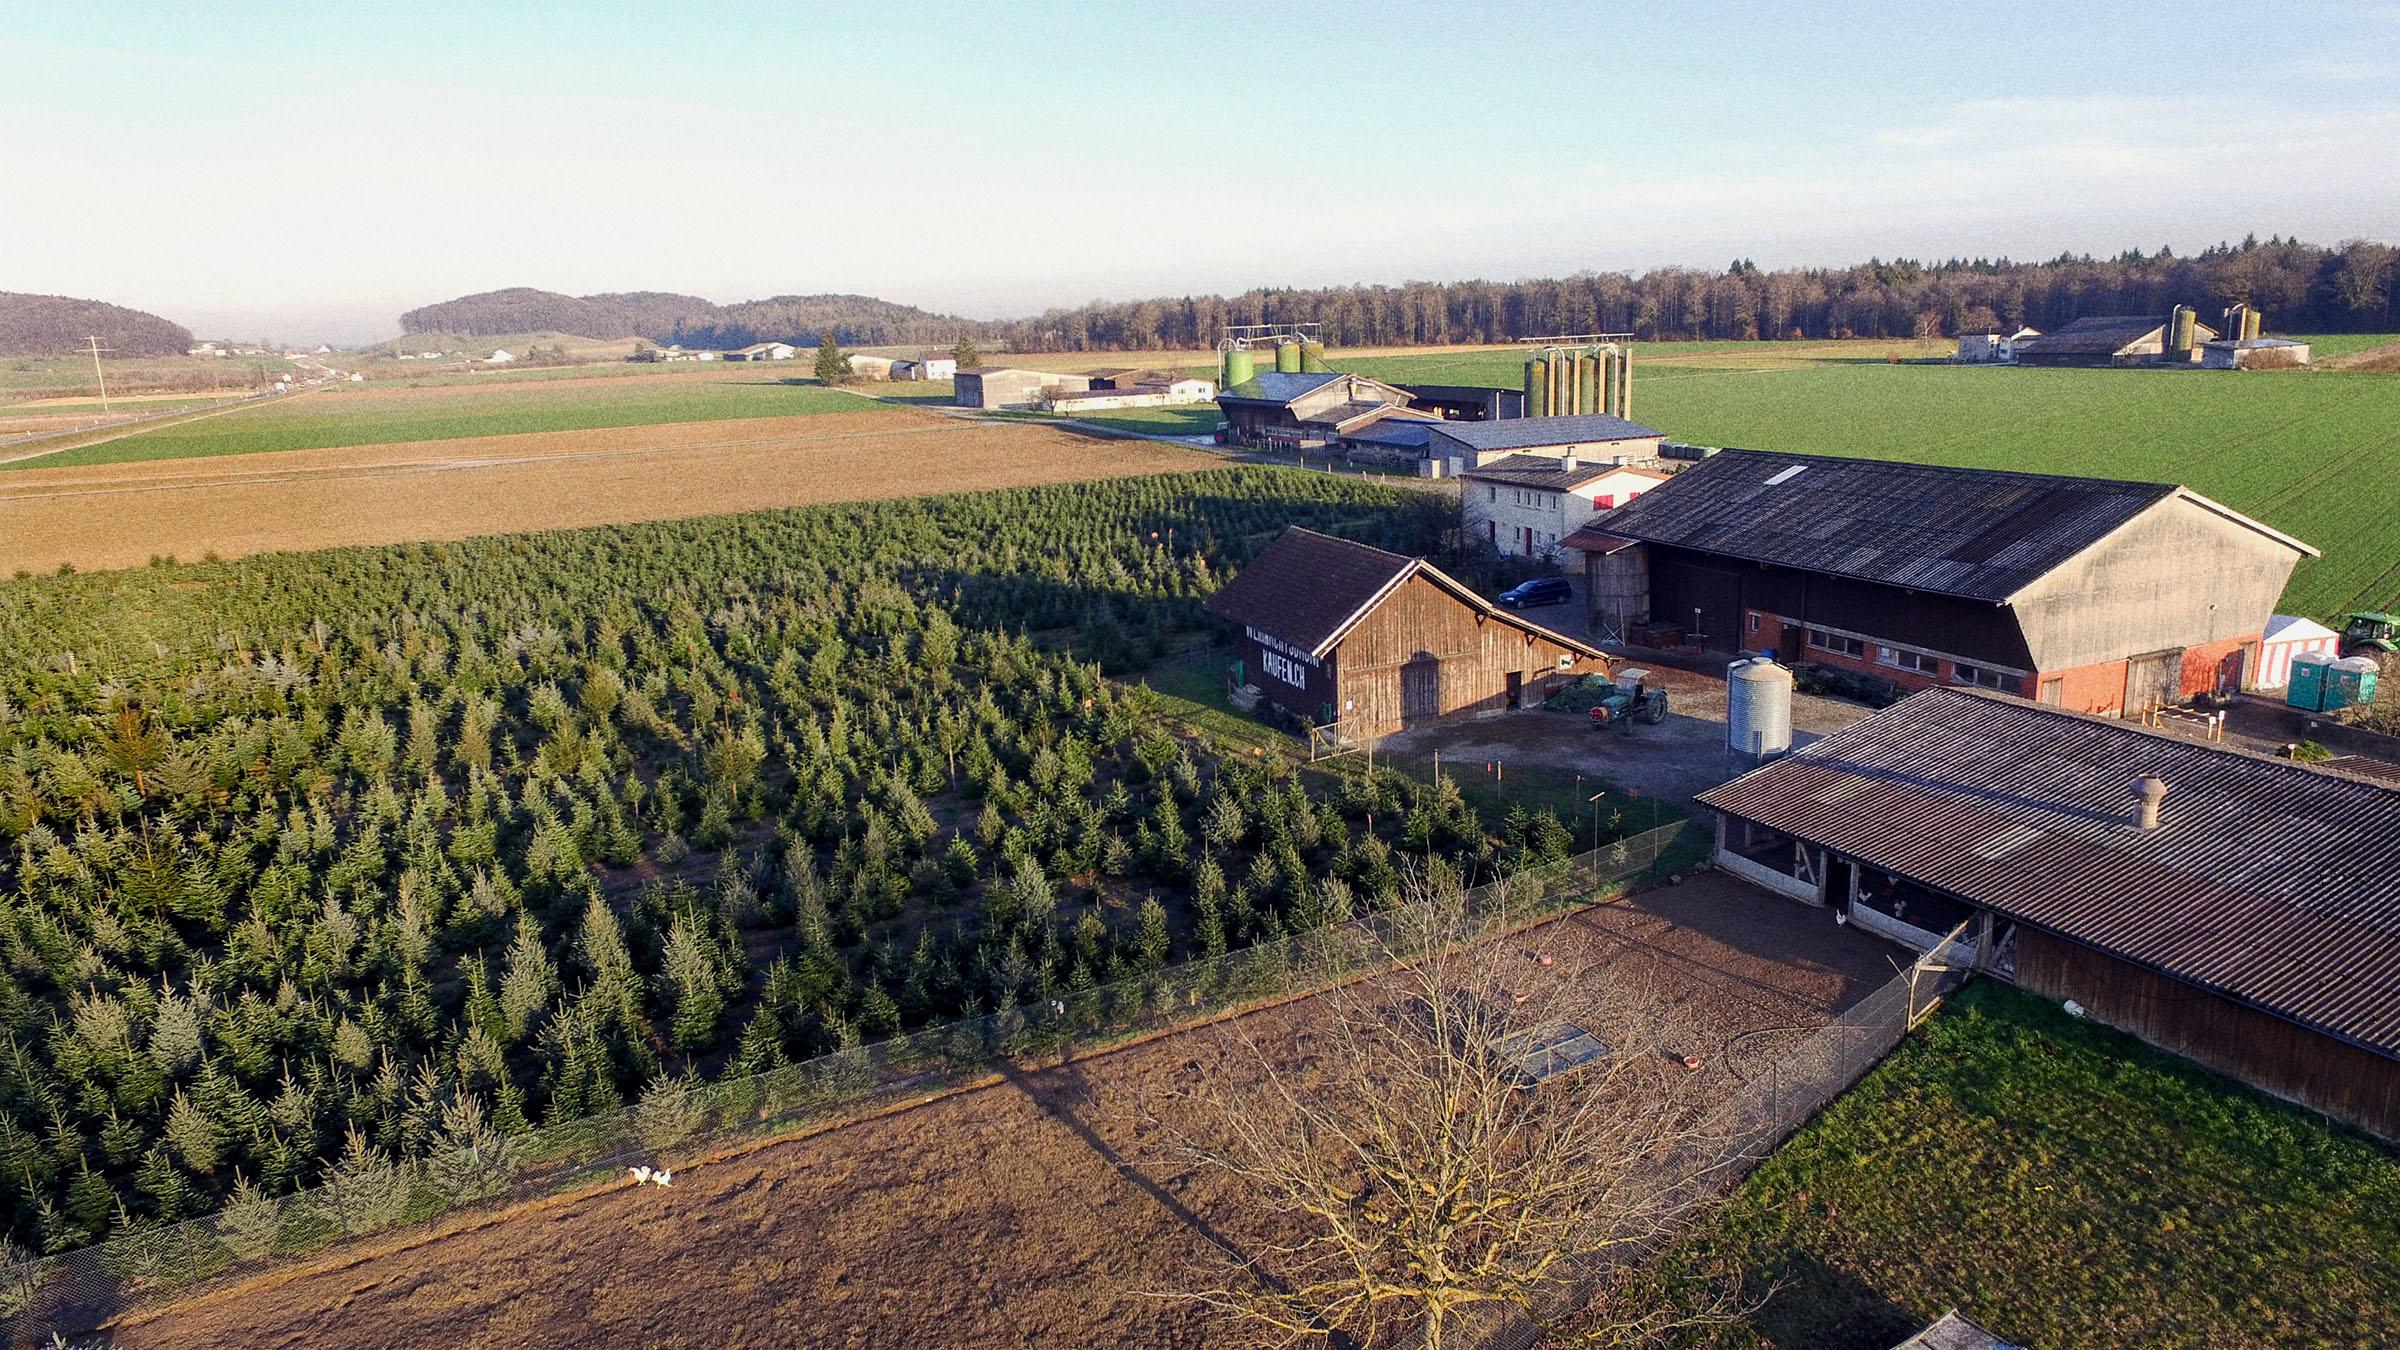 Weihnachtsbaum kaufen calw europ ische weihnachtstraditionen - Weihnachtsbaum kaufen hamburg ...